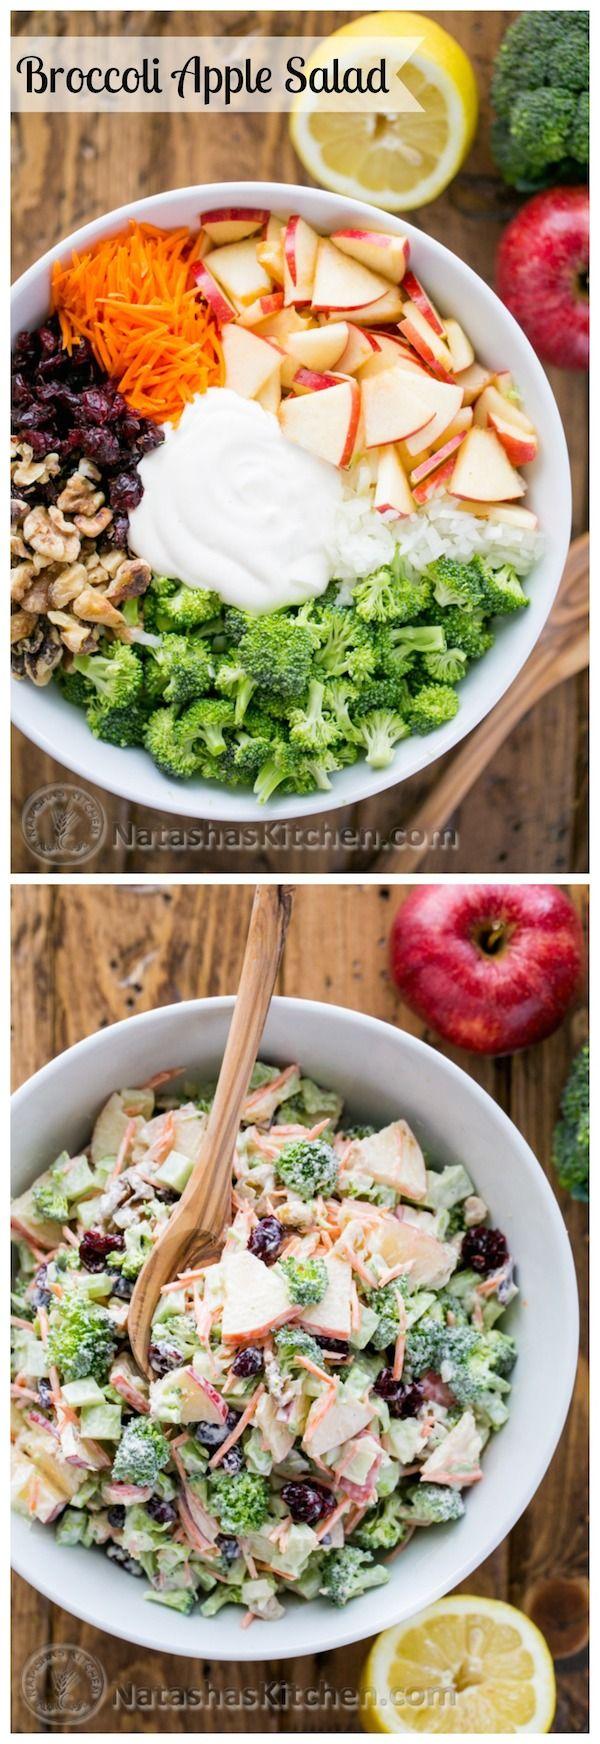 Broccoli og Apple Salat med en cremet citron Dressing.  En familie favorit!  @NatashasKitchen